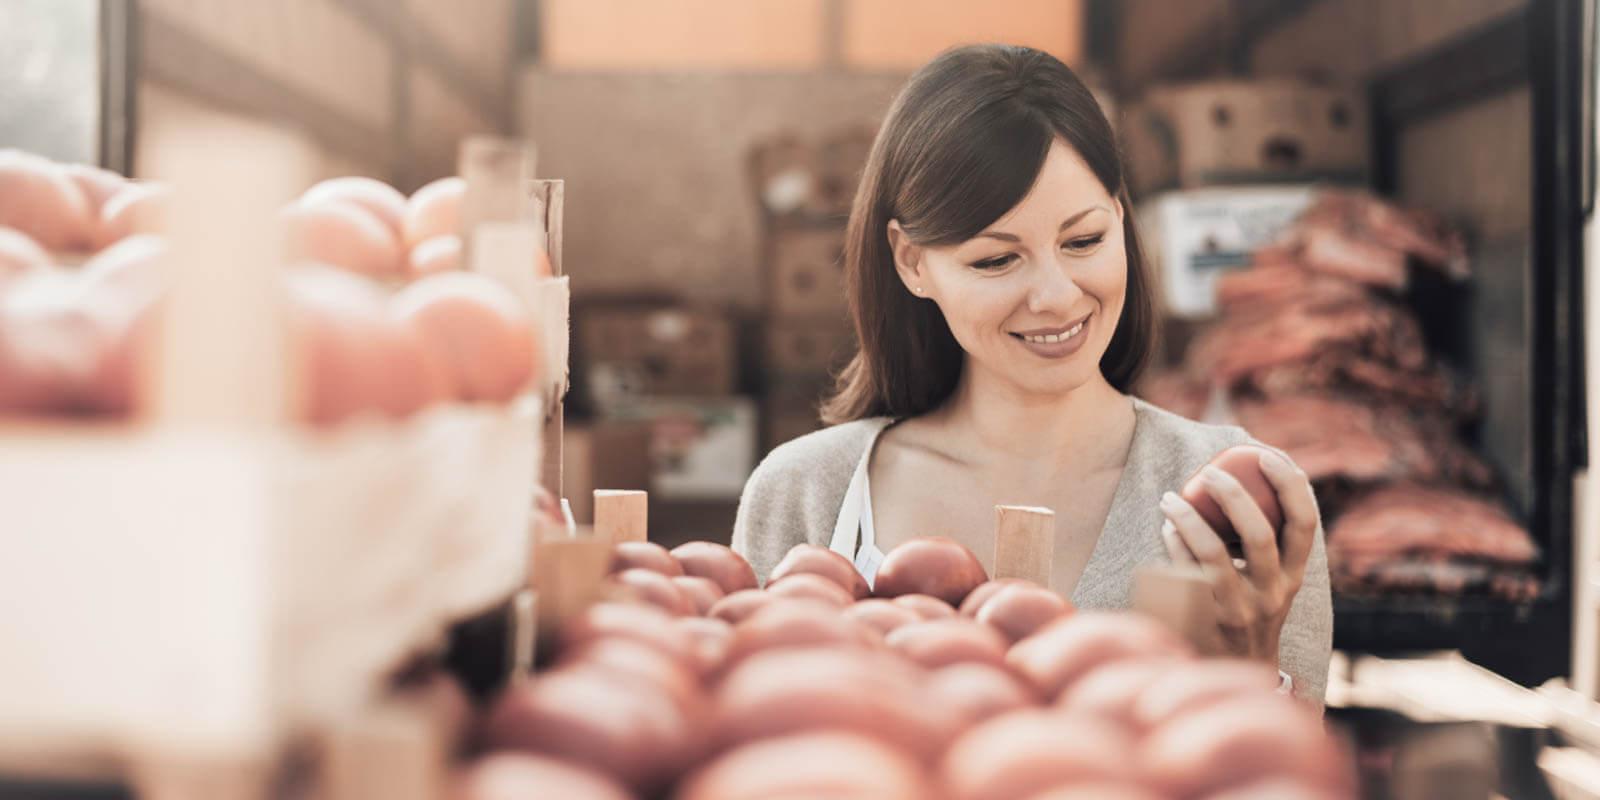 Eine Frau überprüft das gekaufte Obst, ob die Qualität stimmt